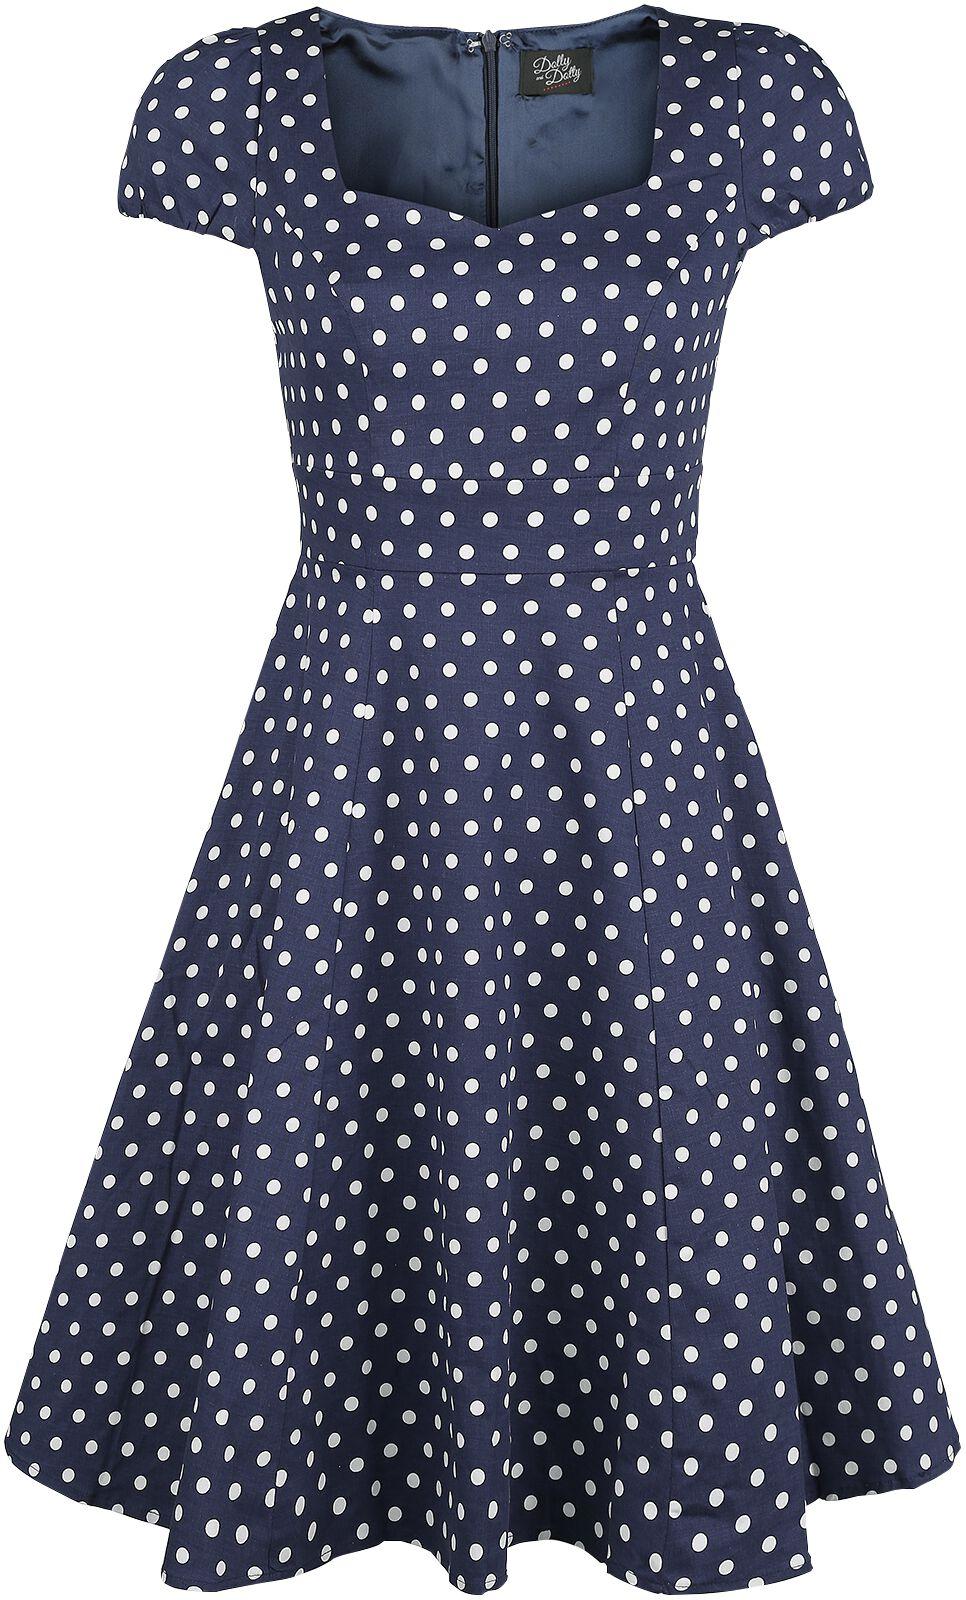 Marki - Sukienki - Sukienka Dolly and Dotty Claudia Sukienka niebieski/biały - 357109